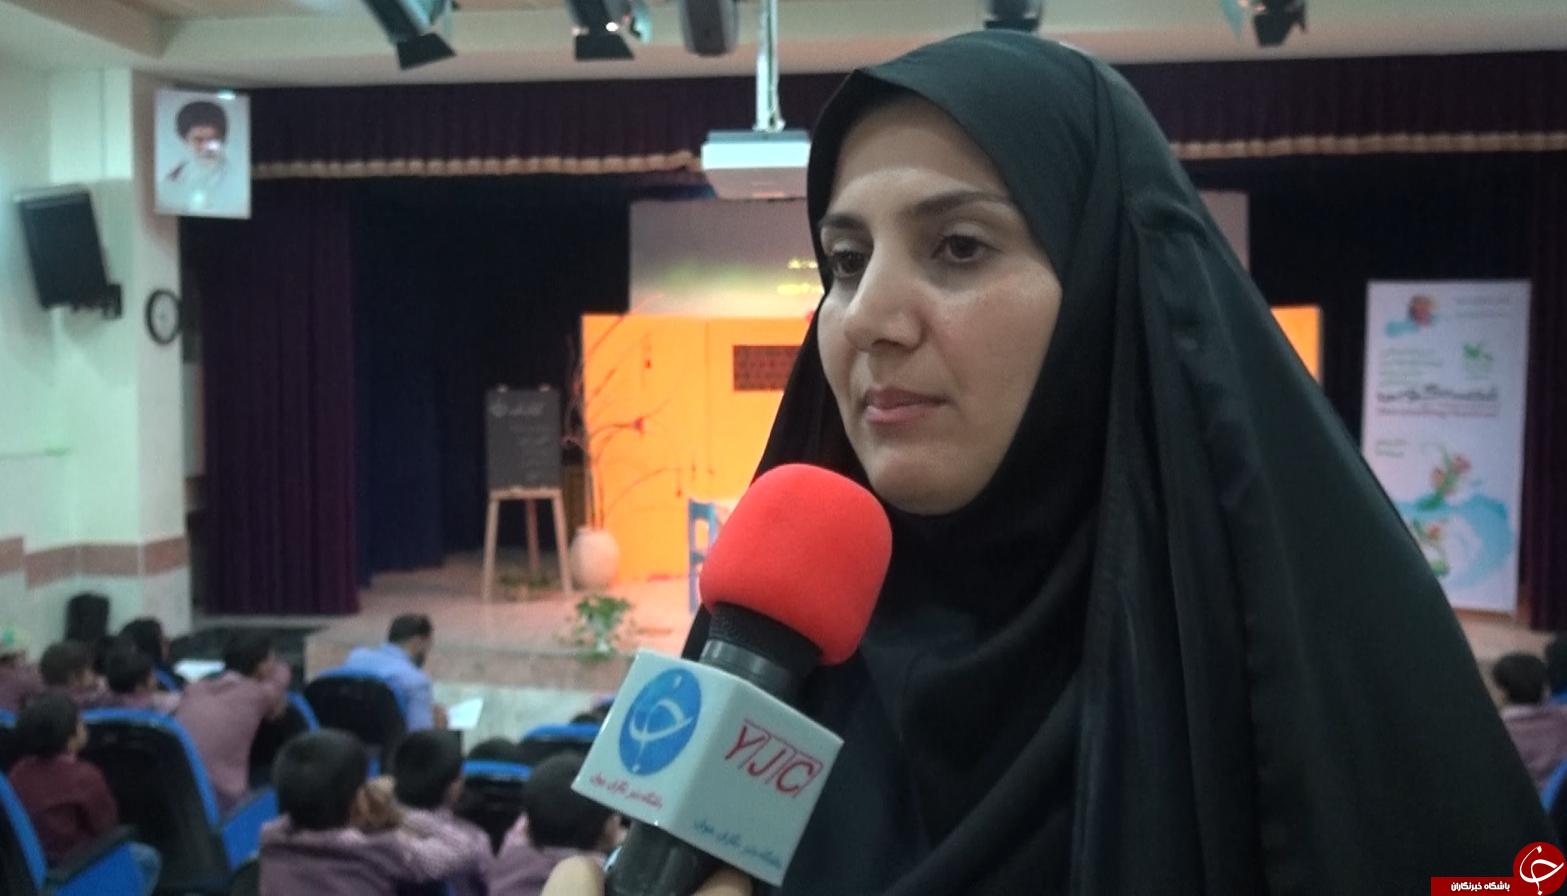 مرحله استانی جشنواره بین المللی قصه گویی در بوشهر آغاز شد